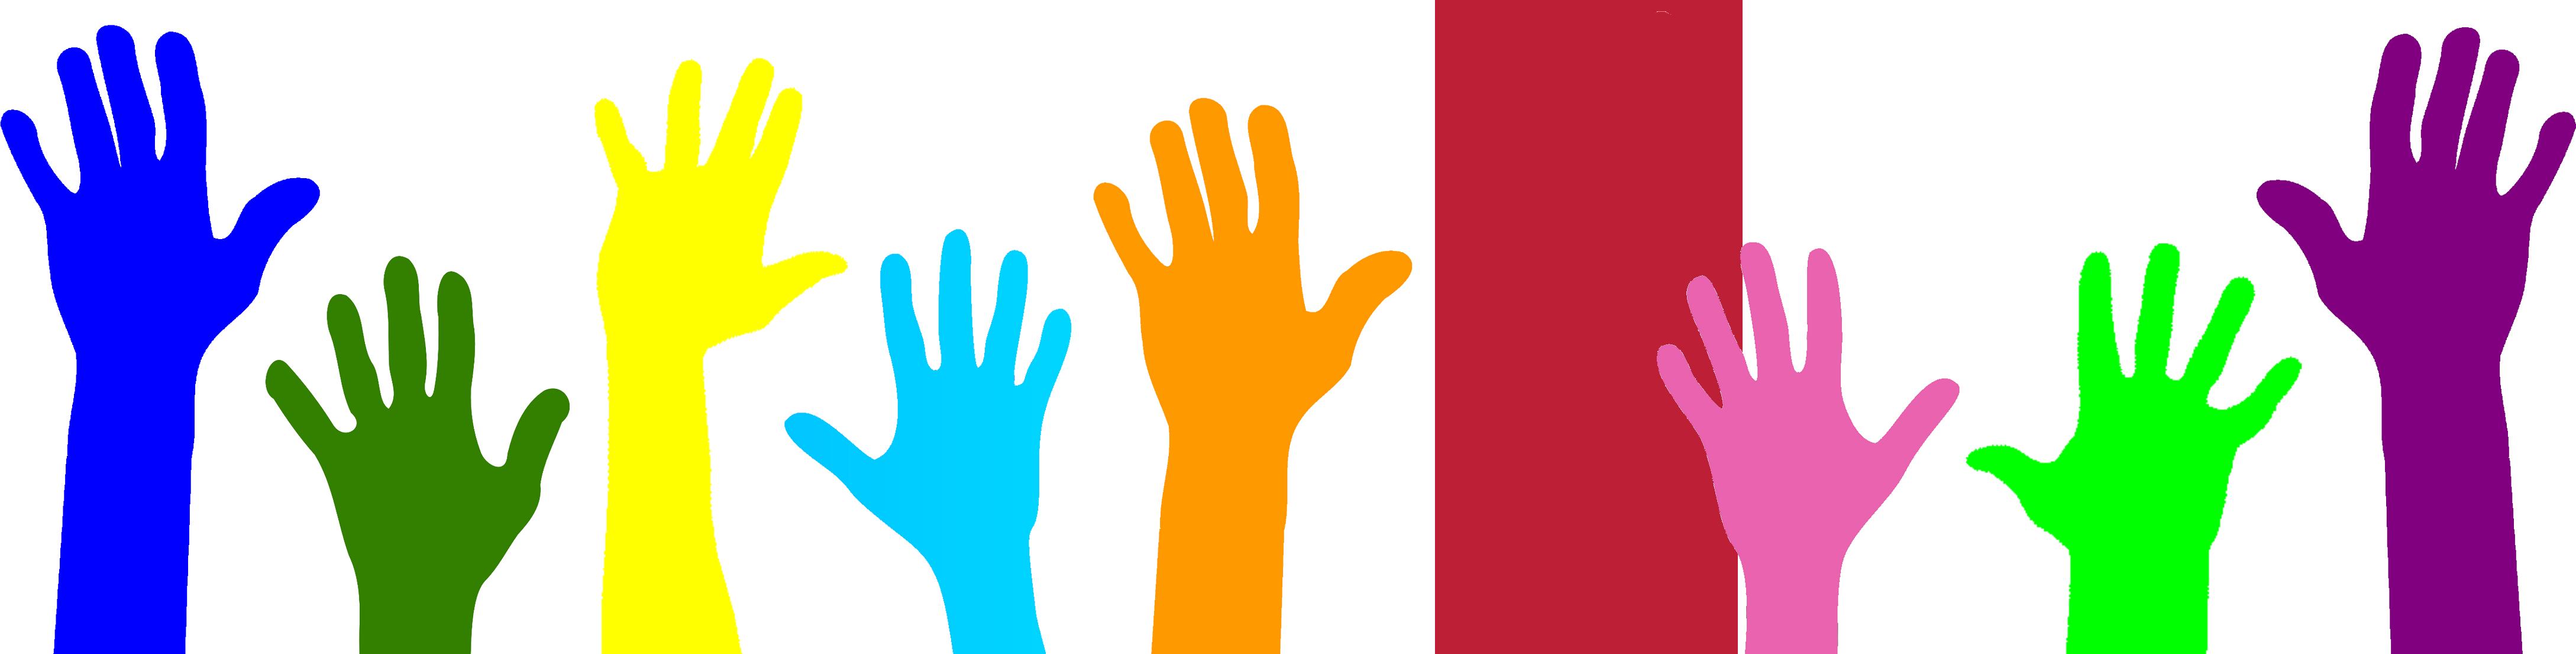 VolunteerHands.png